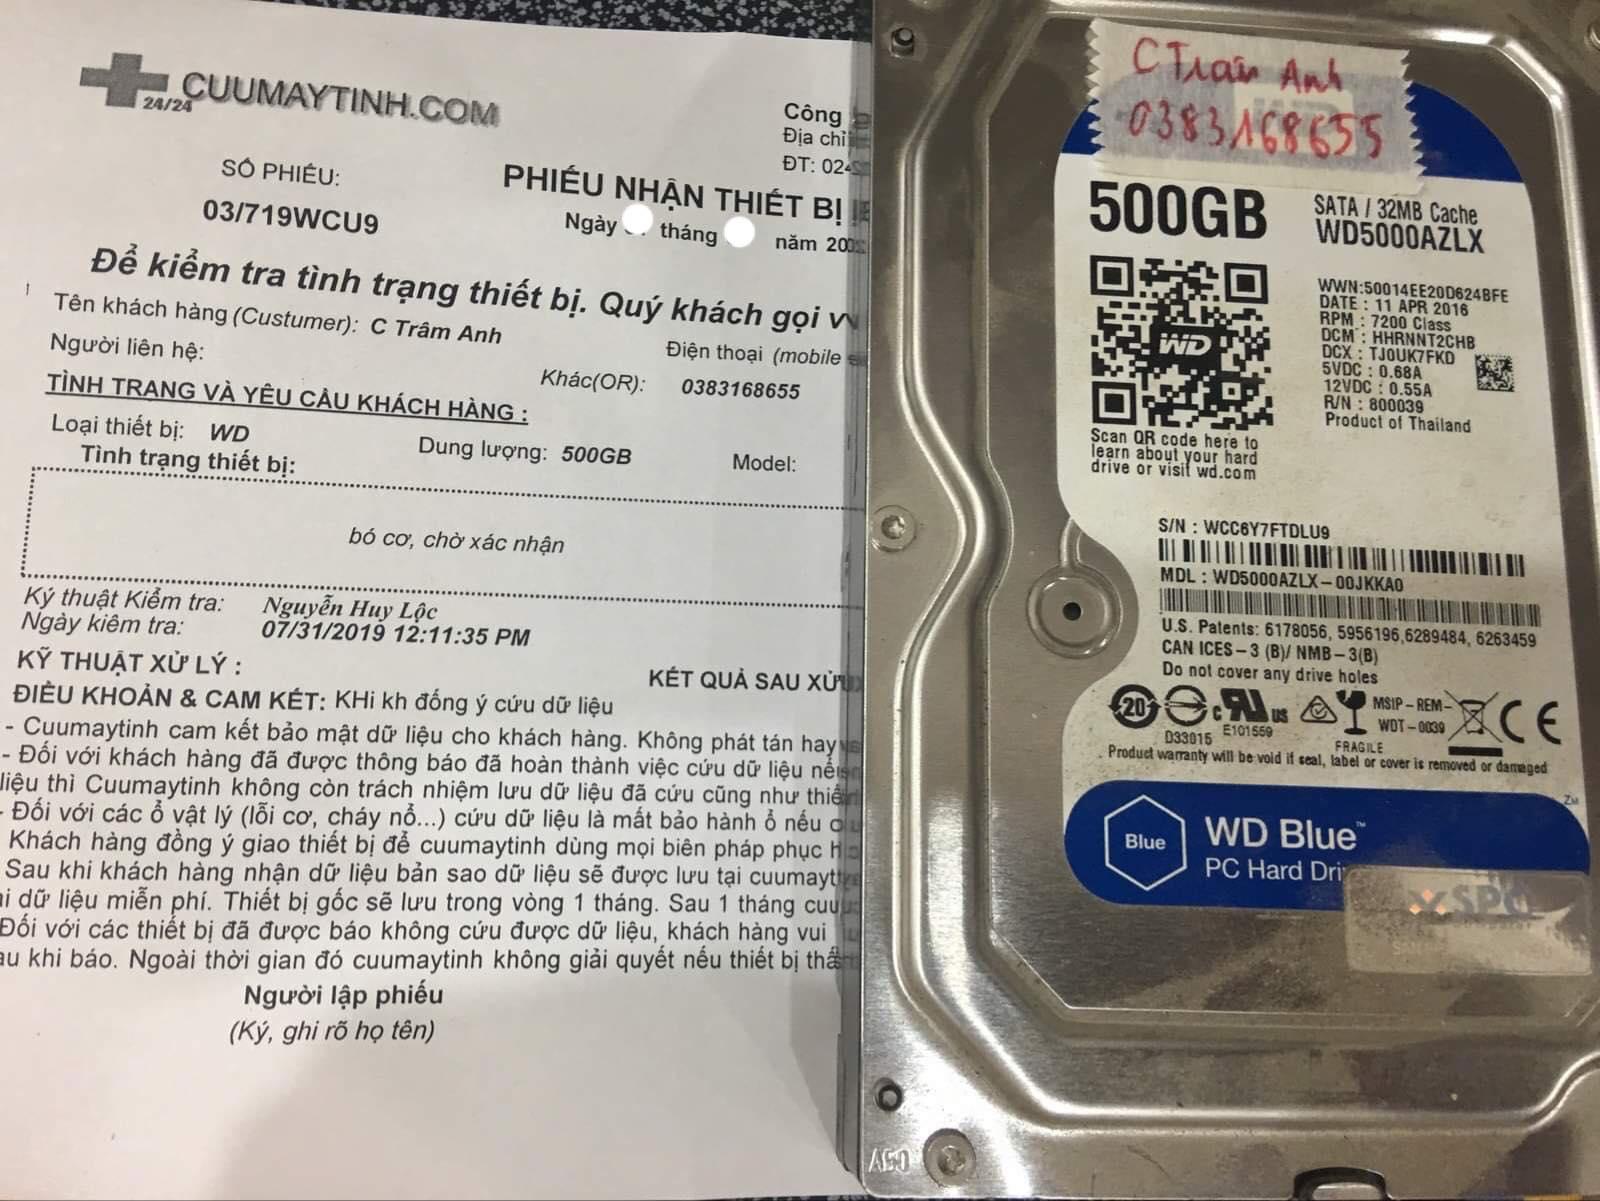 Khôi phục dữ liệu ổ cứng Western 500GB bó cơ 07/08/2019 - cuumaytinh